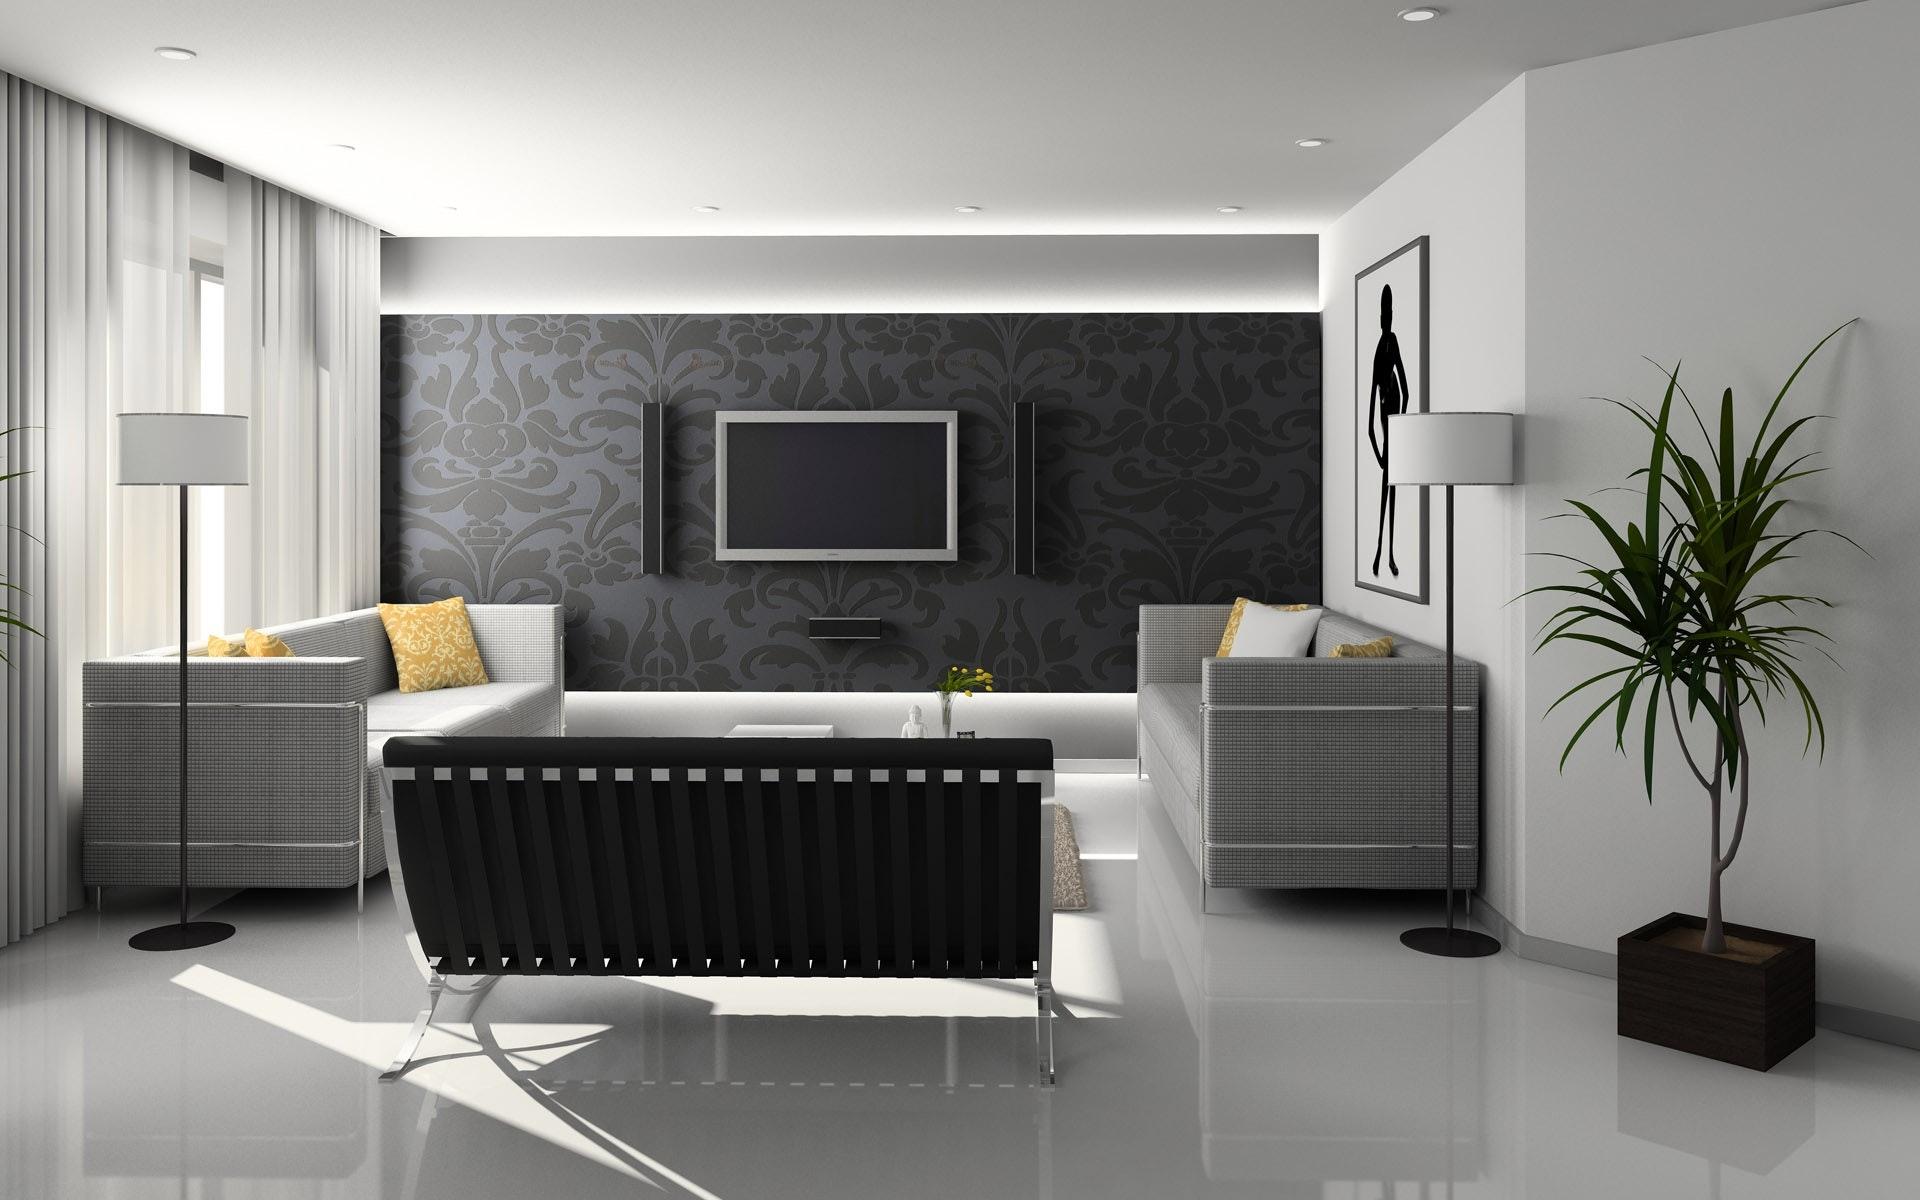 Imagem de uma sala de estar decorada com um papel de parede.